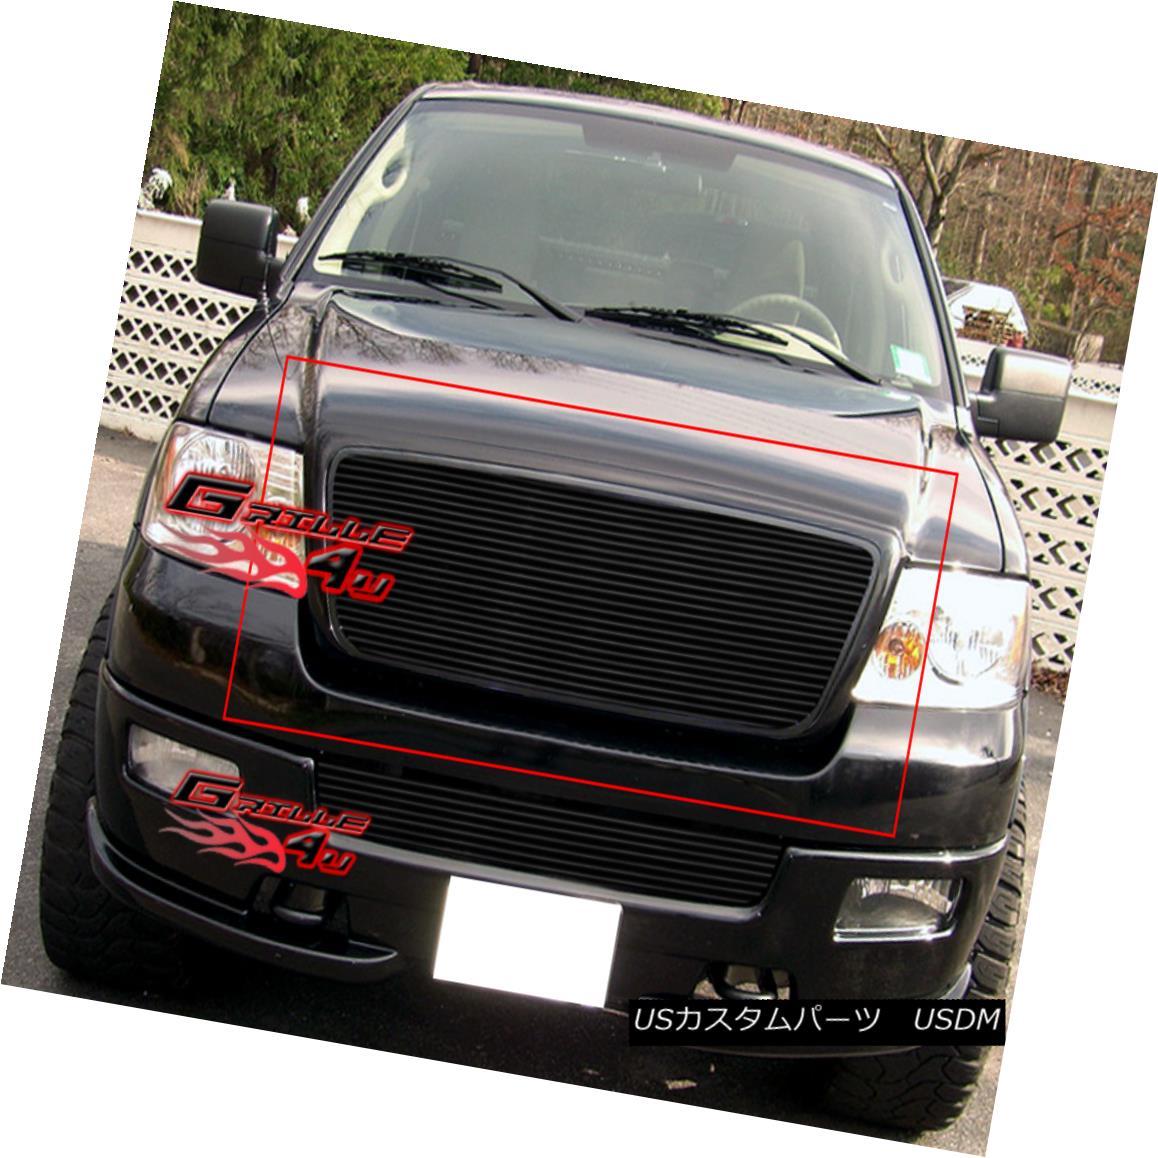 グリル Fits 2004-2008 Ford F-150 Honeycomb Style Black Billet Grille Insert フィット2004-2008フォードF - 150ハニカムスタイルブラックビレットグリルインサート